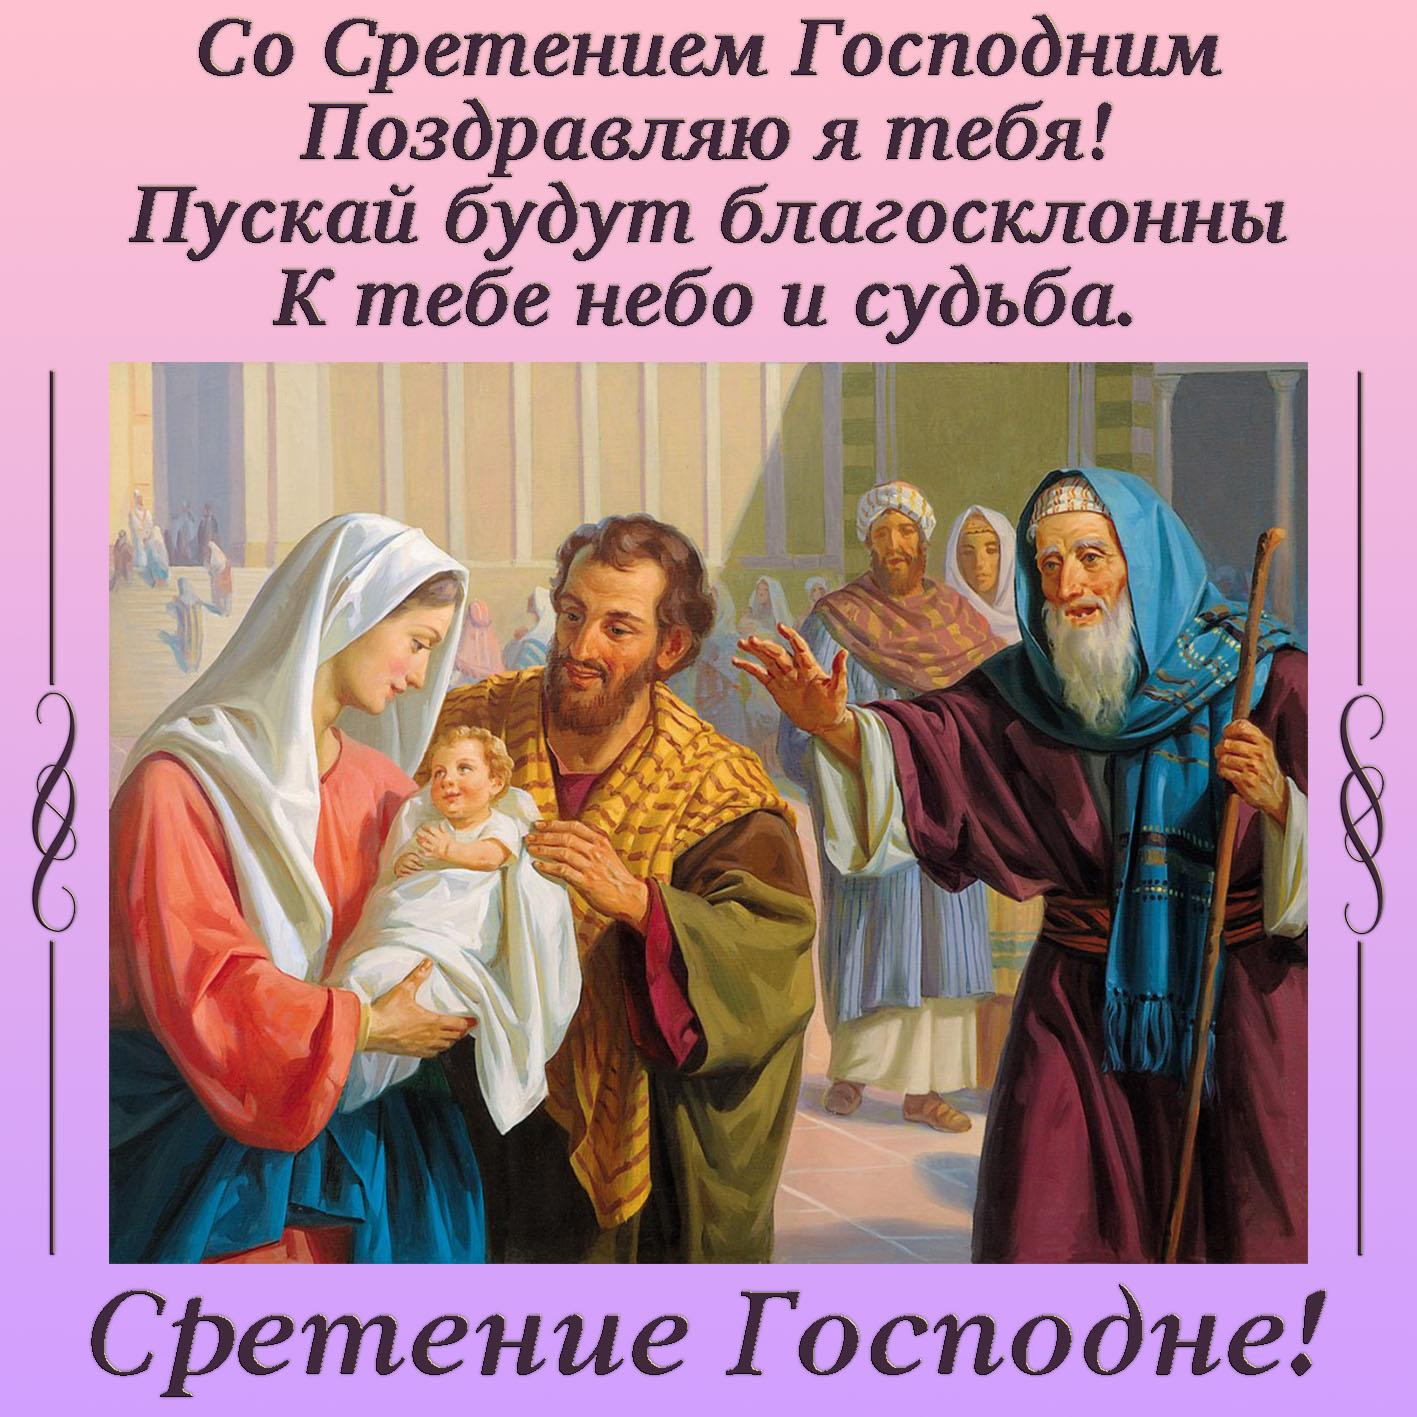 Открытка - доброе поздравление со Сретением Господним